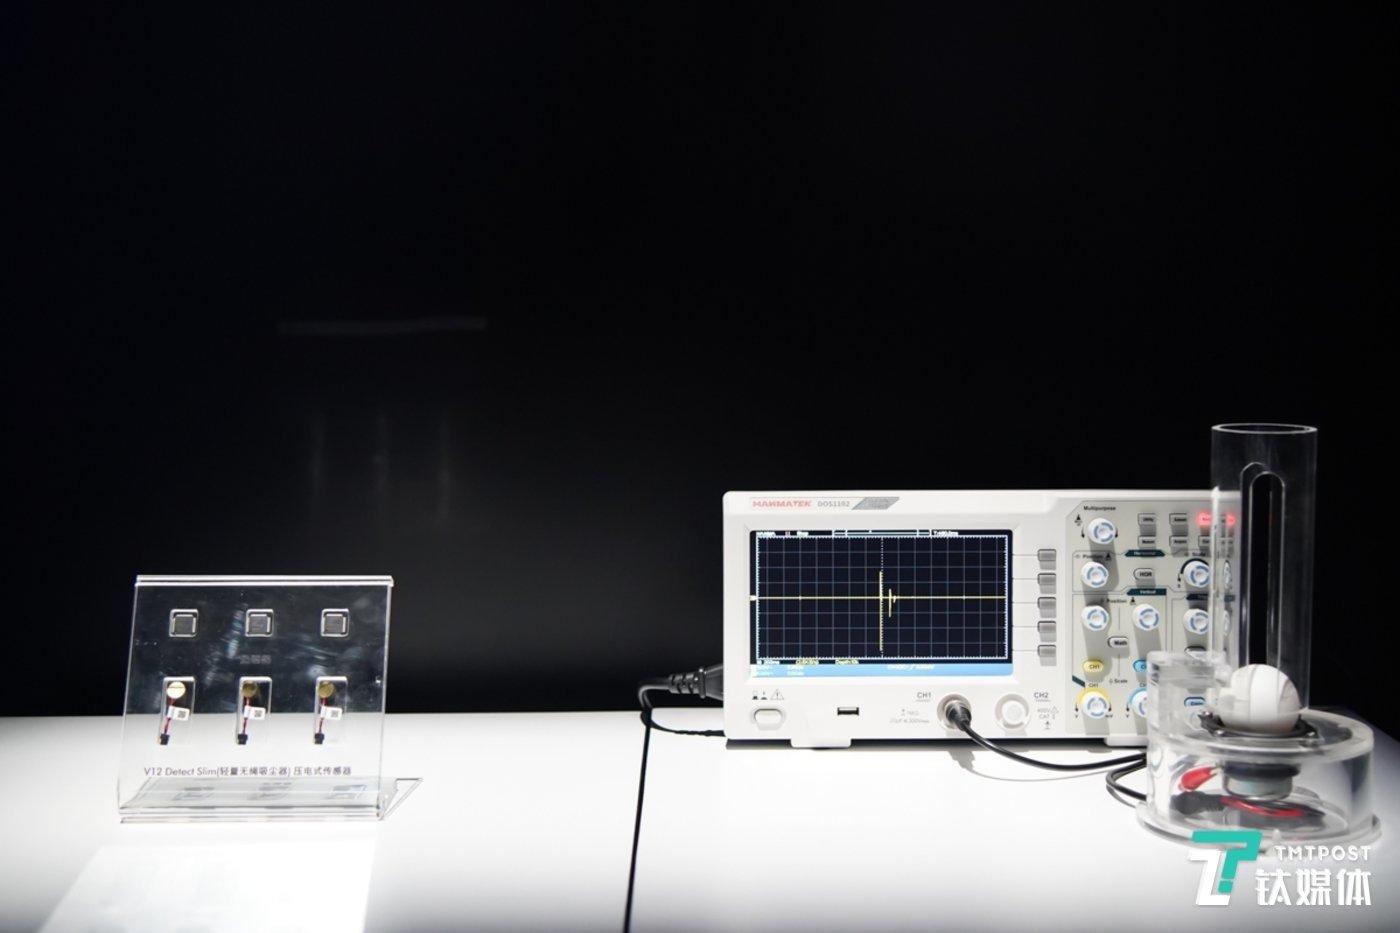 通过压电式声学方式将振动波转化为电信号